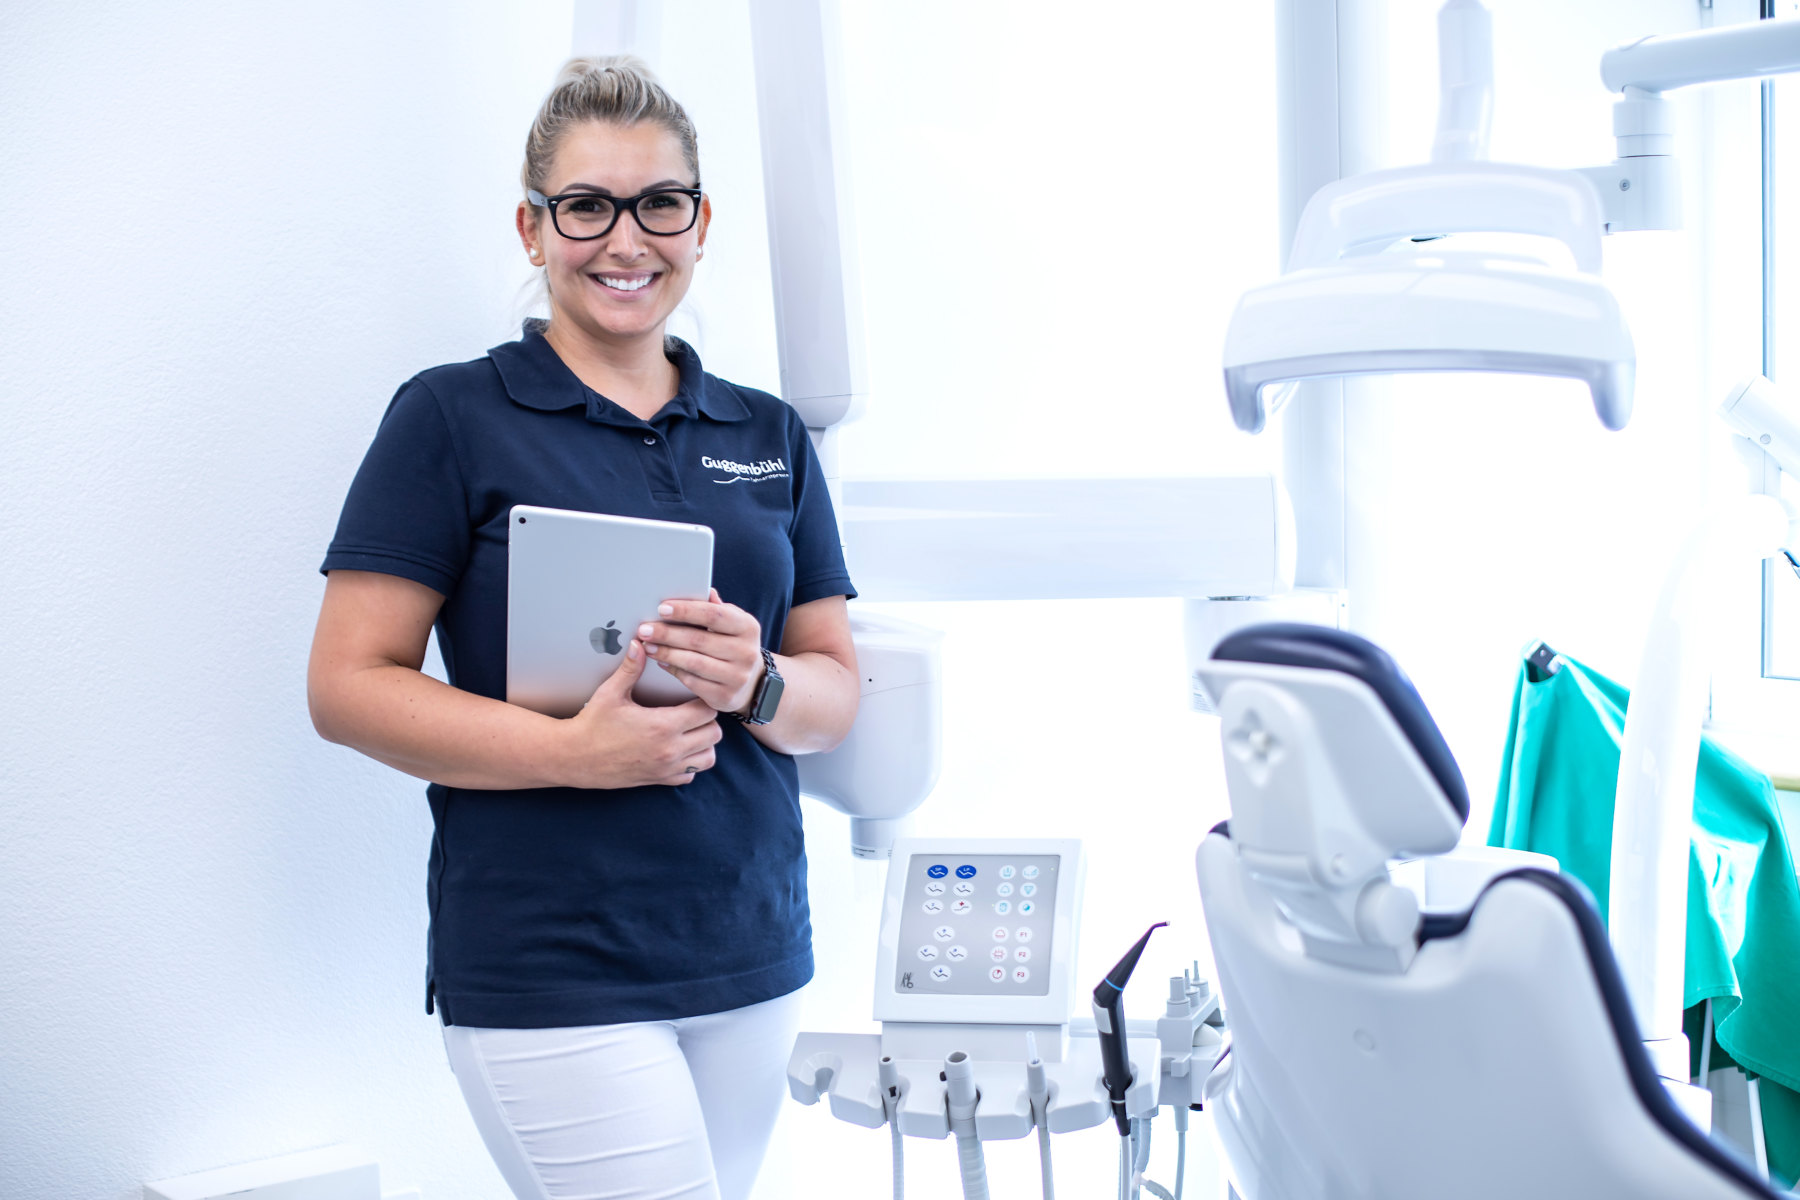 Notfallzahnarzt - Notfall Zahnarzt in Uri - Frau mit iPad